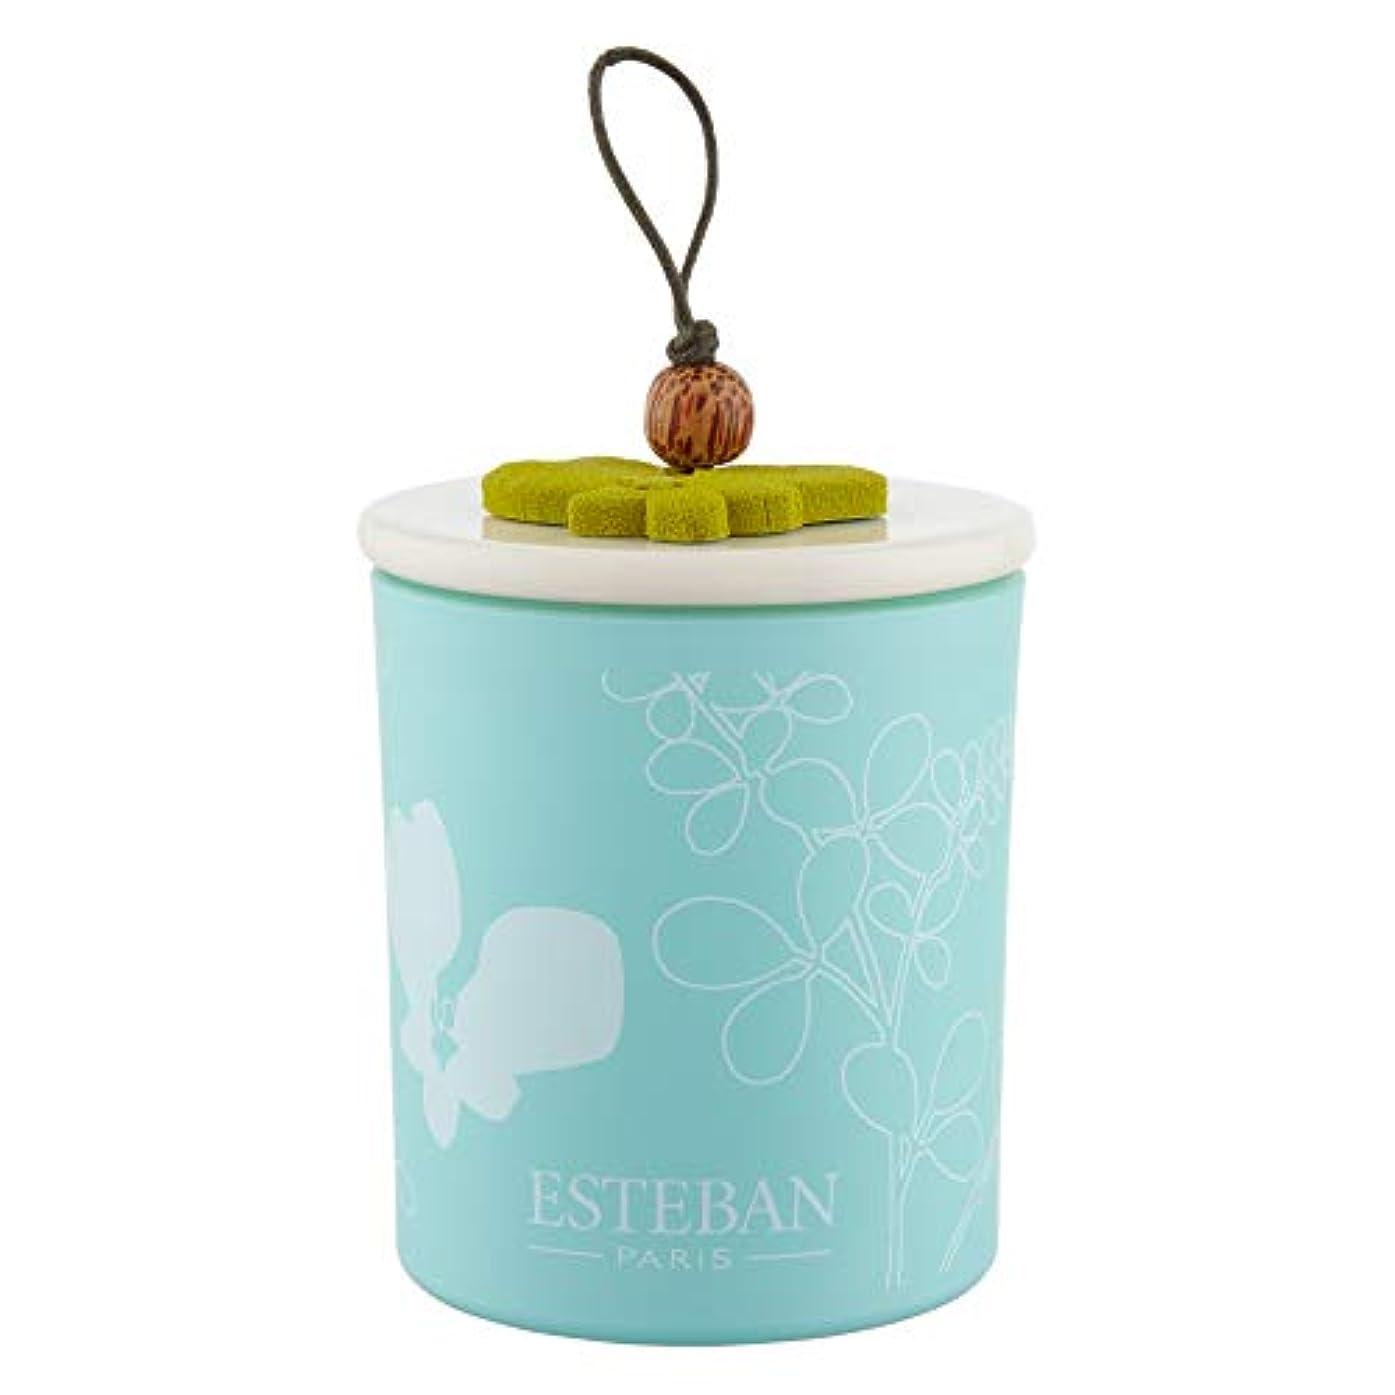 汚染された掻くセンチメンタル[Esteban ] エステバンは、装飾されたキャンドル170グラムを香りOrchidee - Esteban Orchid?e Scented Decorated Candle 170g [並行輸入品]